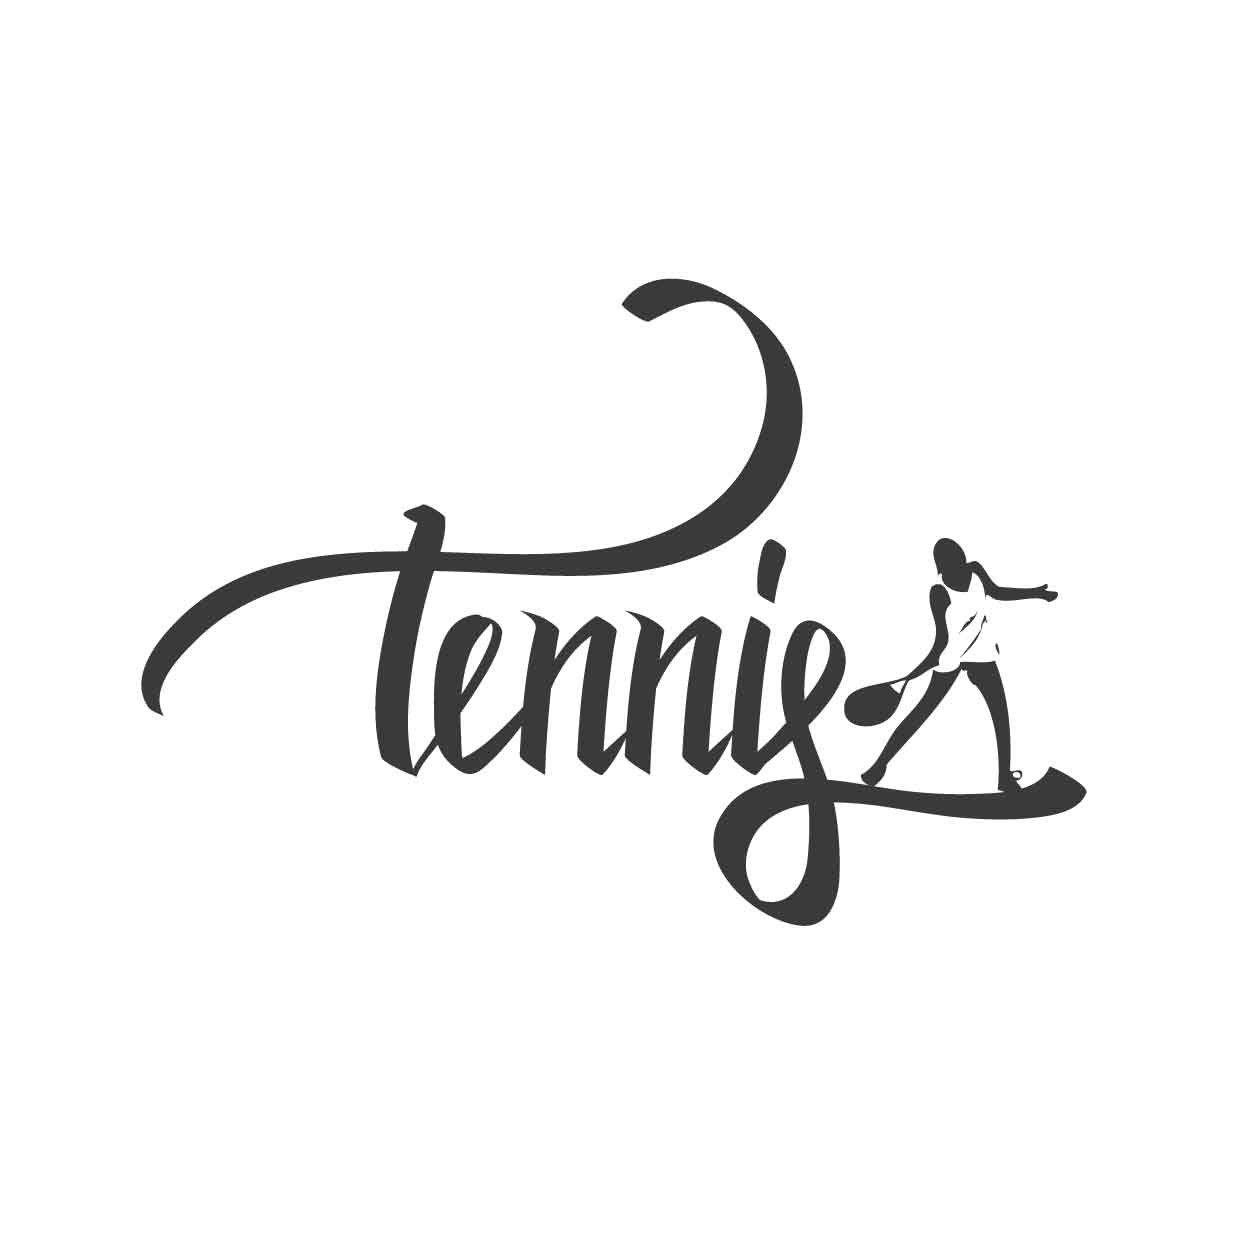 tennis quotes - Google zoeken